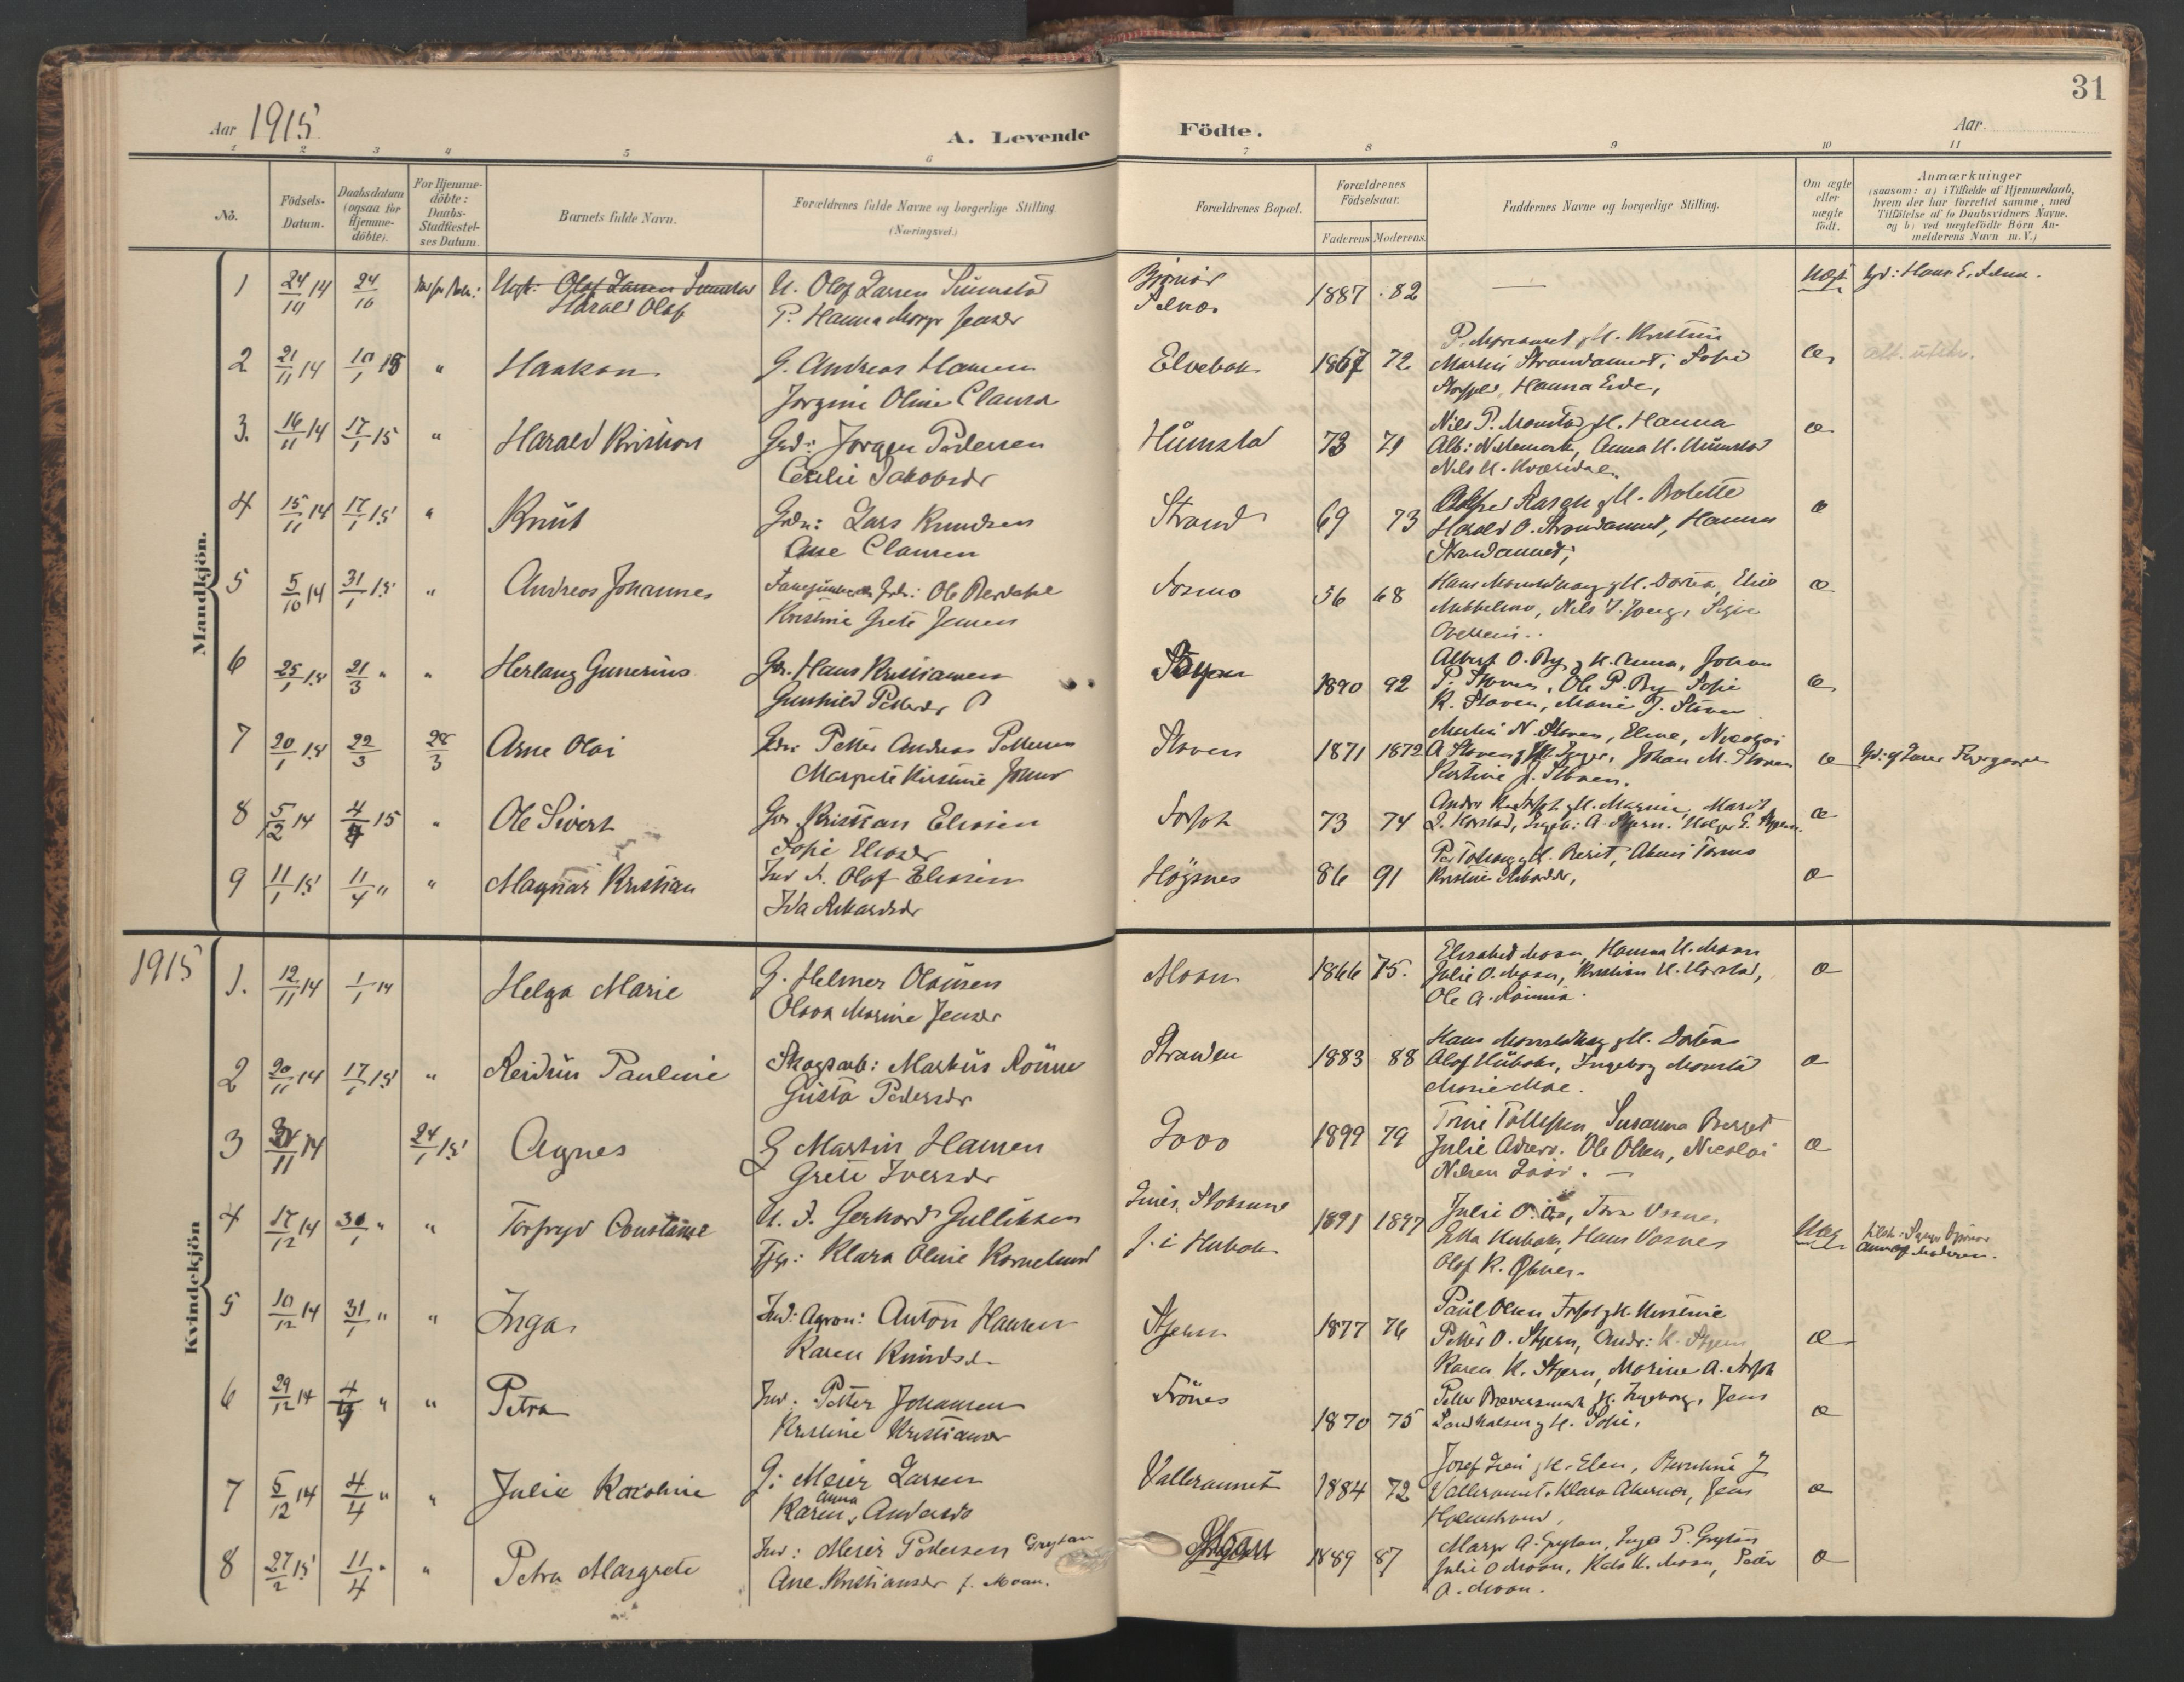 SAT, Ministerialprotokoller, klokkerbøker og fødselsregistre - Sør-Trøndelag, 655/L0682: Ministerialbok nr. 655A11, 1908-1922, s. 31